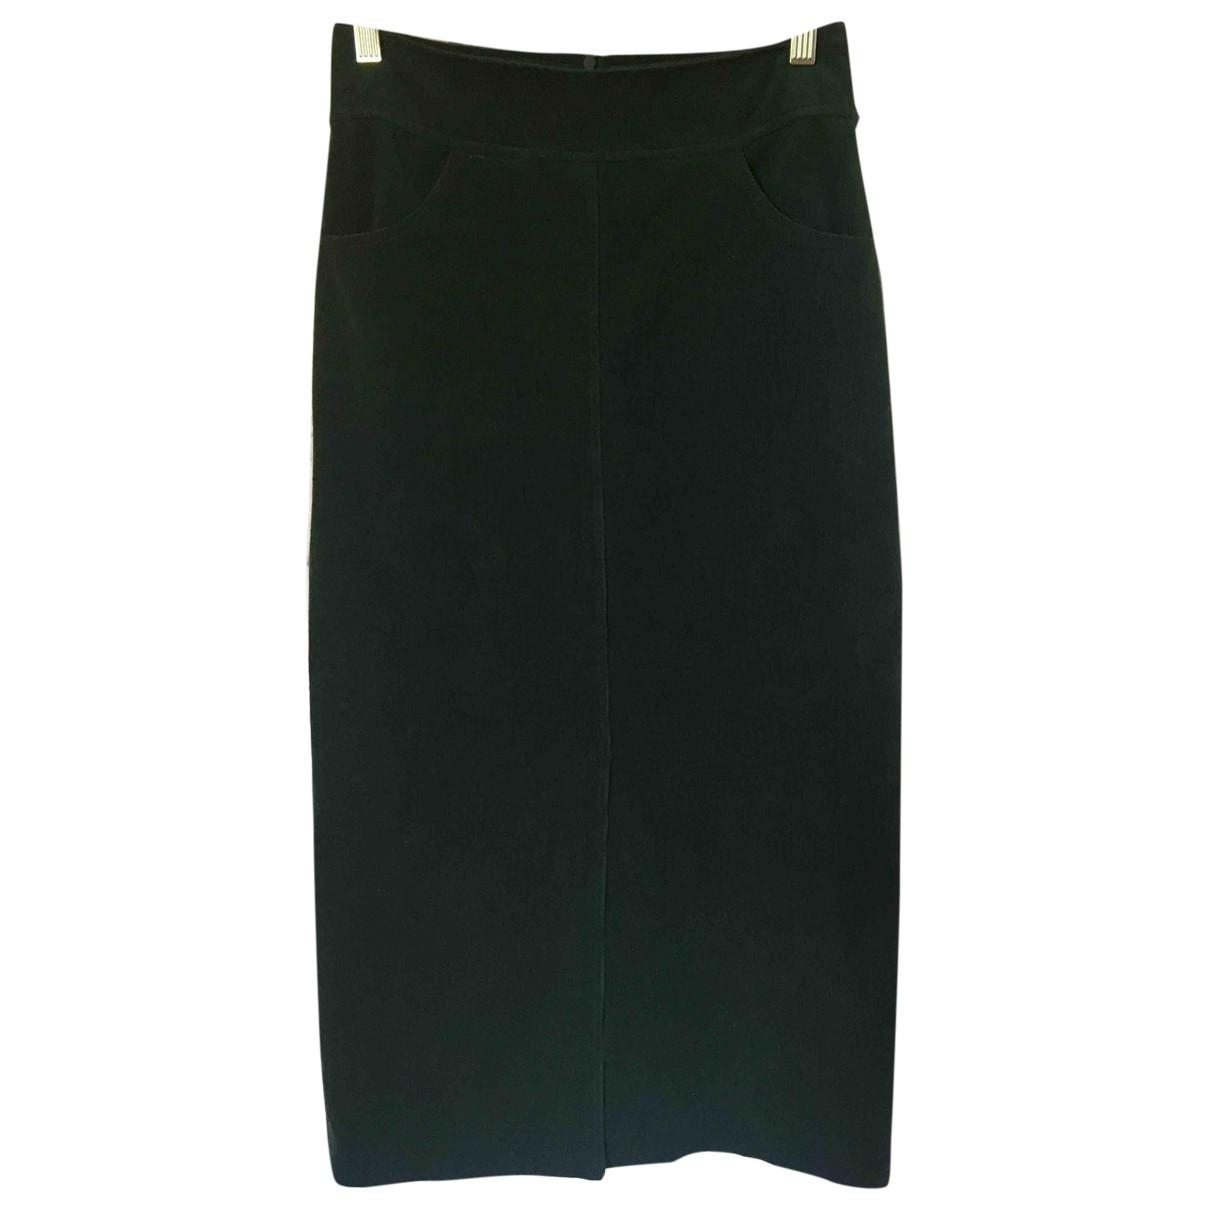 The Frankie Shop - Jupe   pour femme en coton - vert